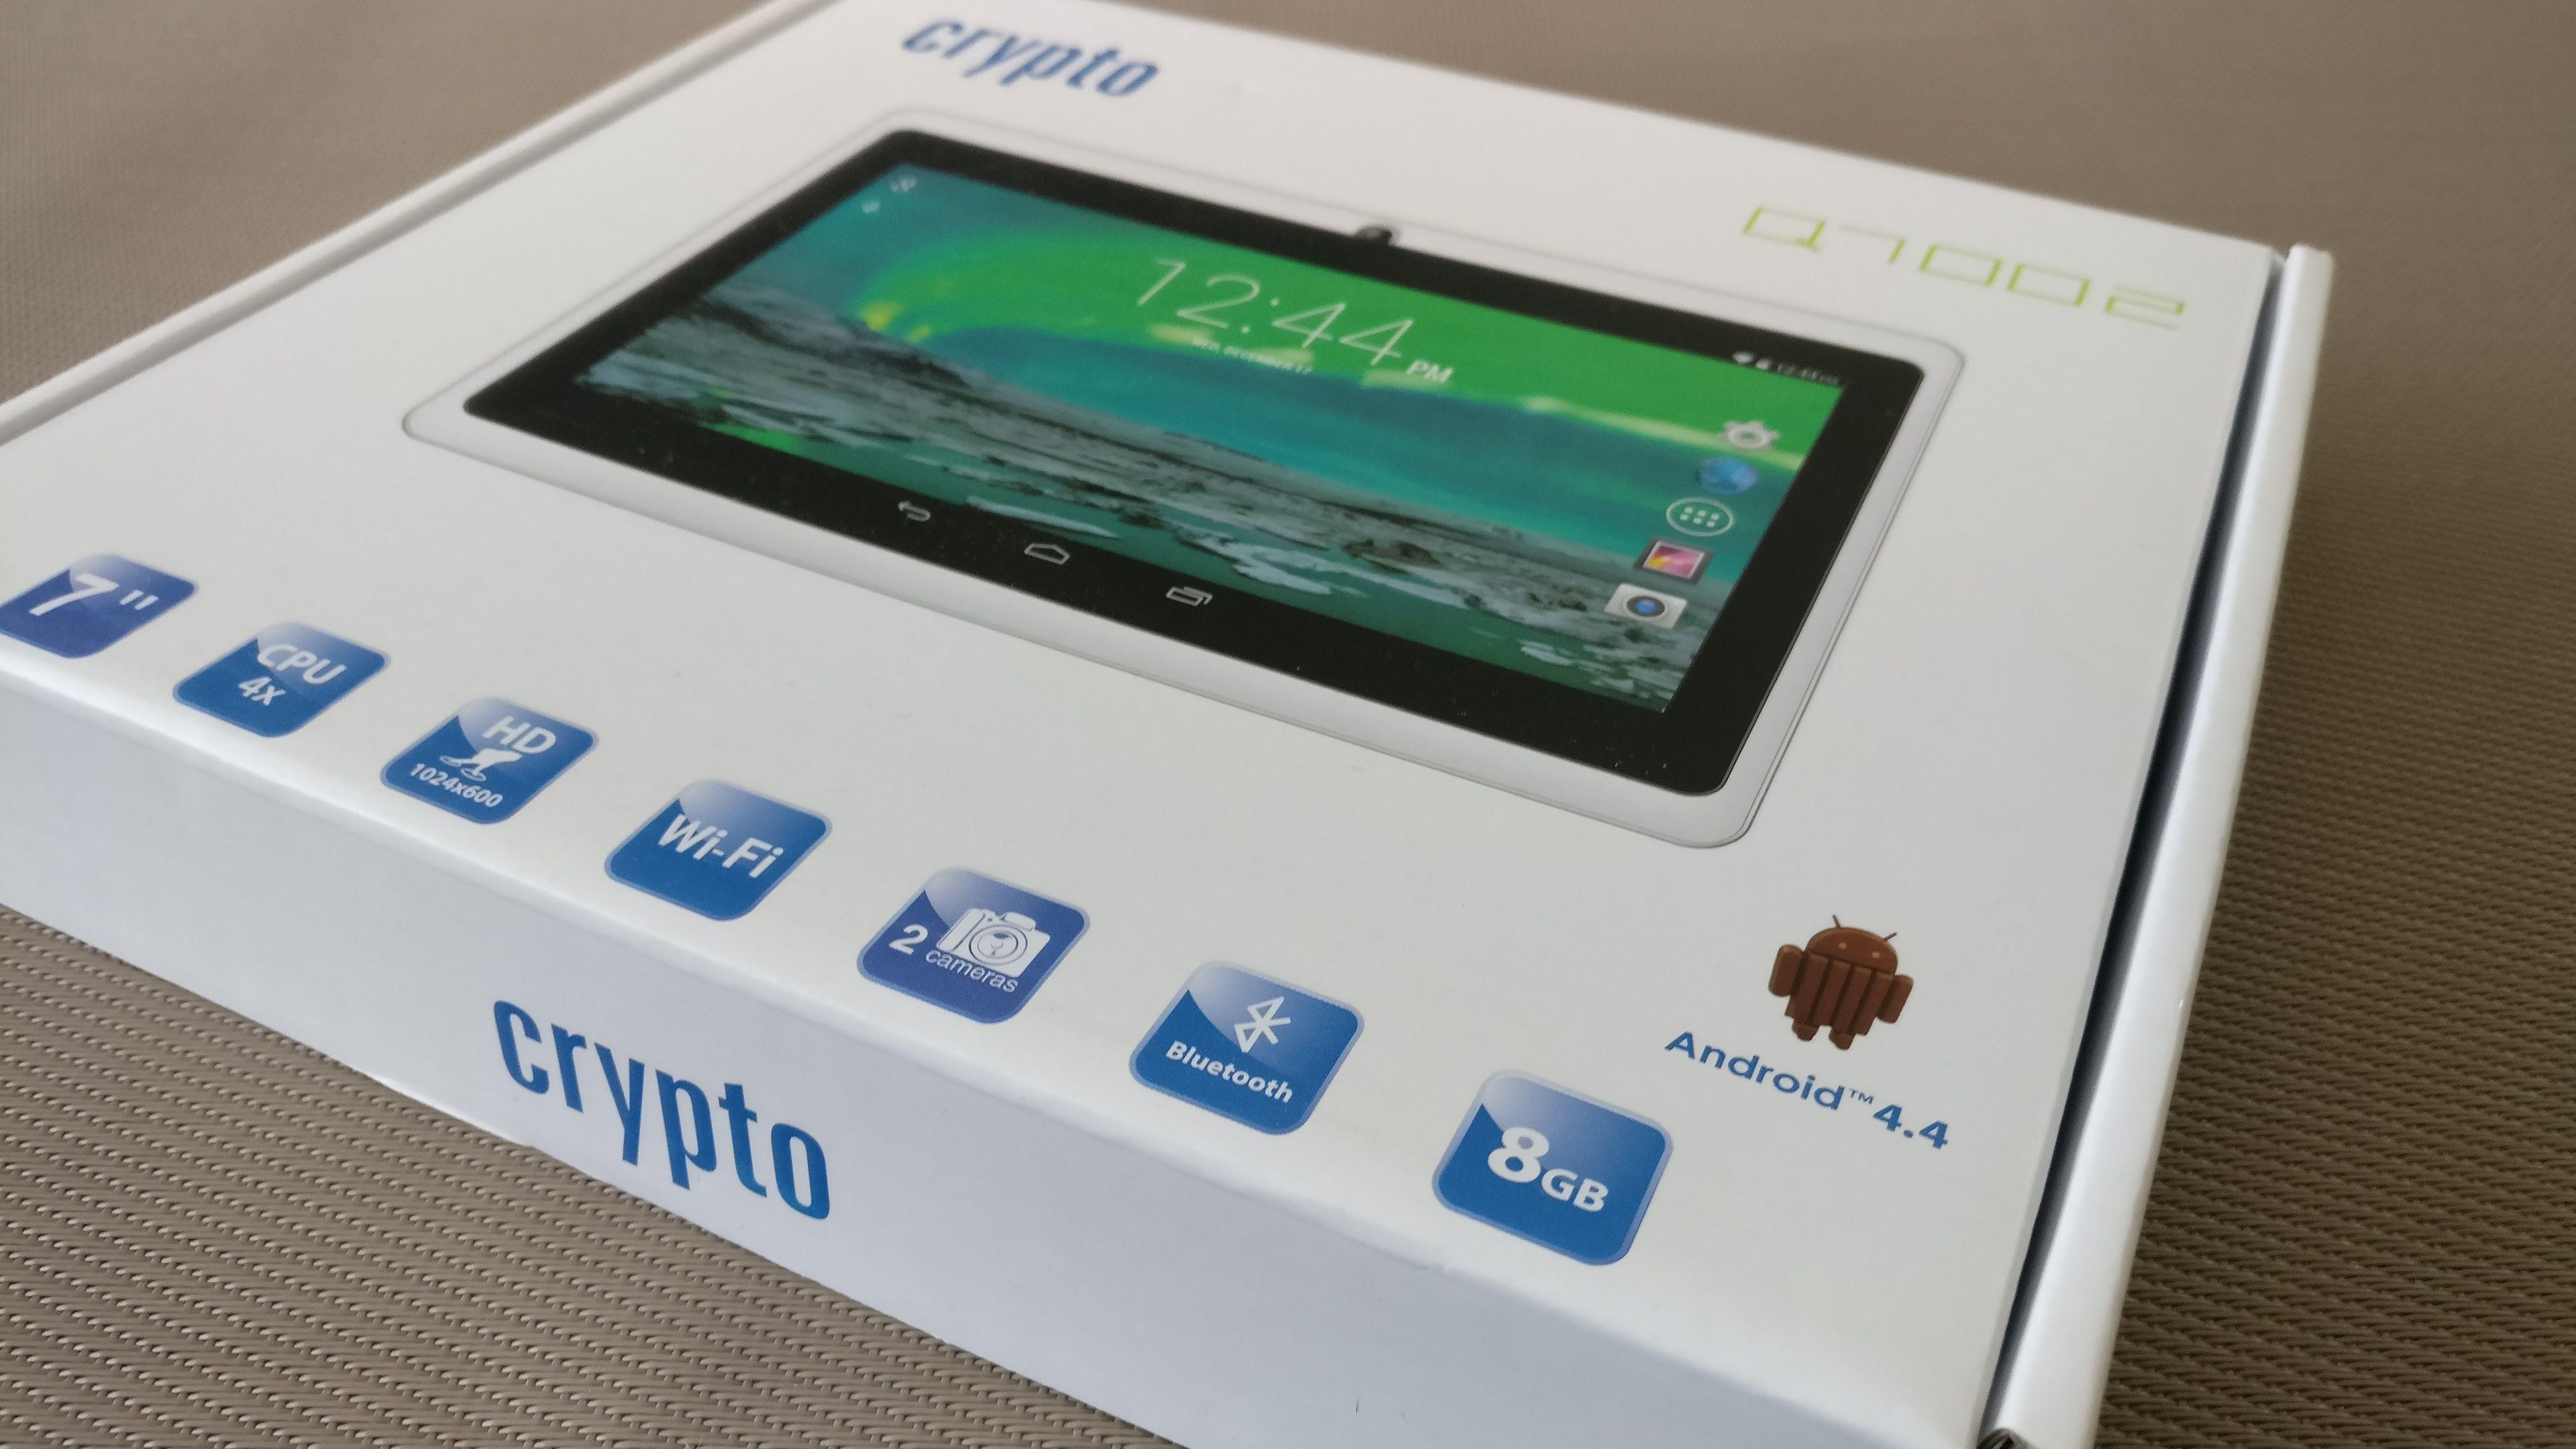 Entra ahora para llevarte gratis una fantástica tablet Crypto Q7002 gracias a 2x1digital